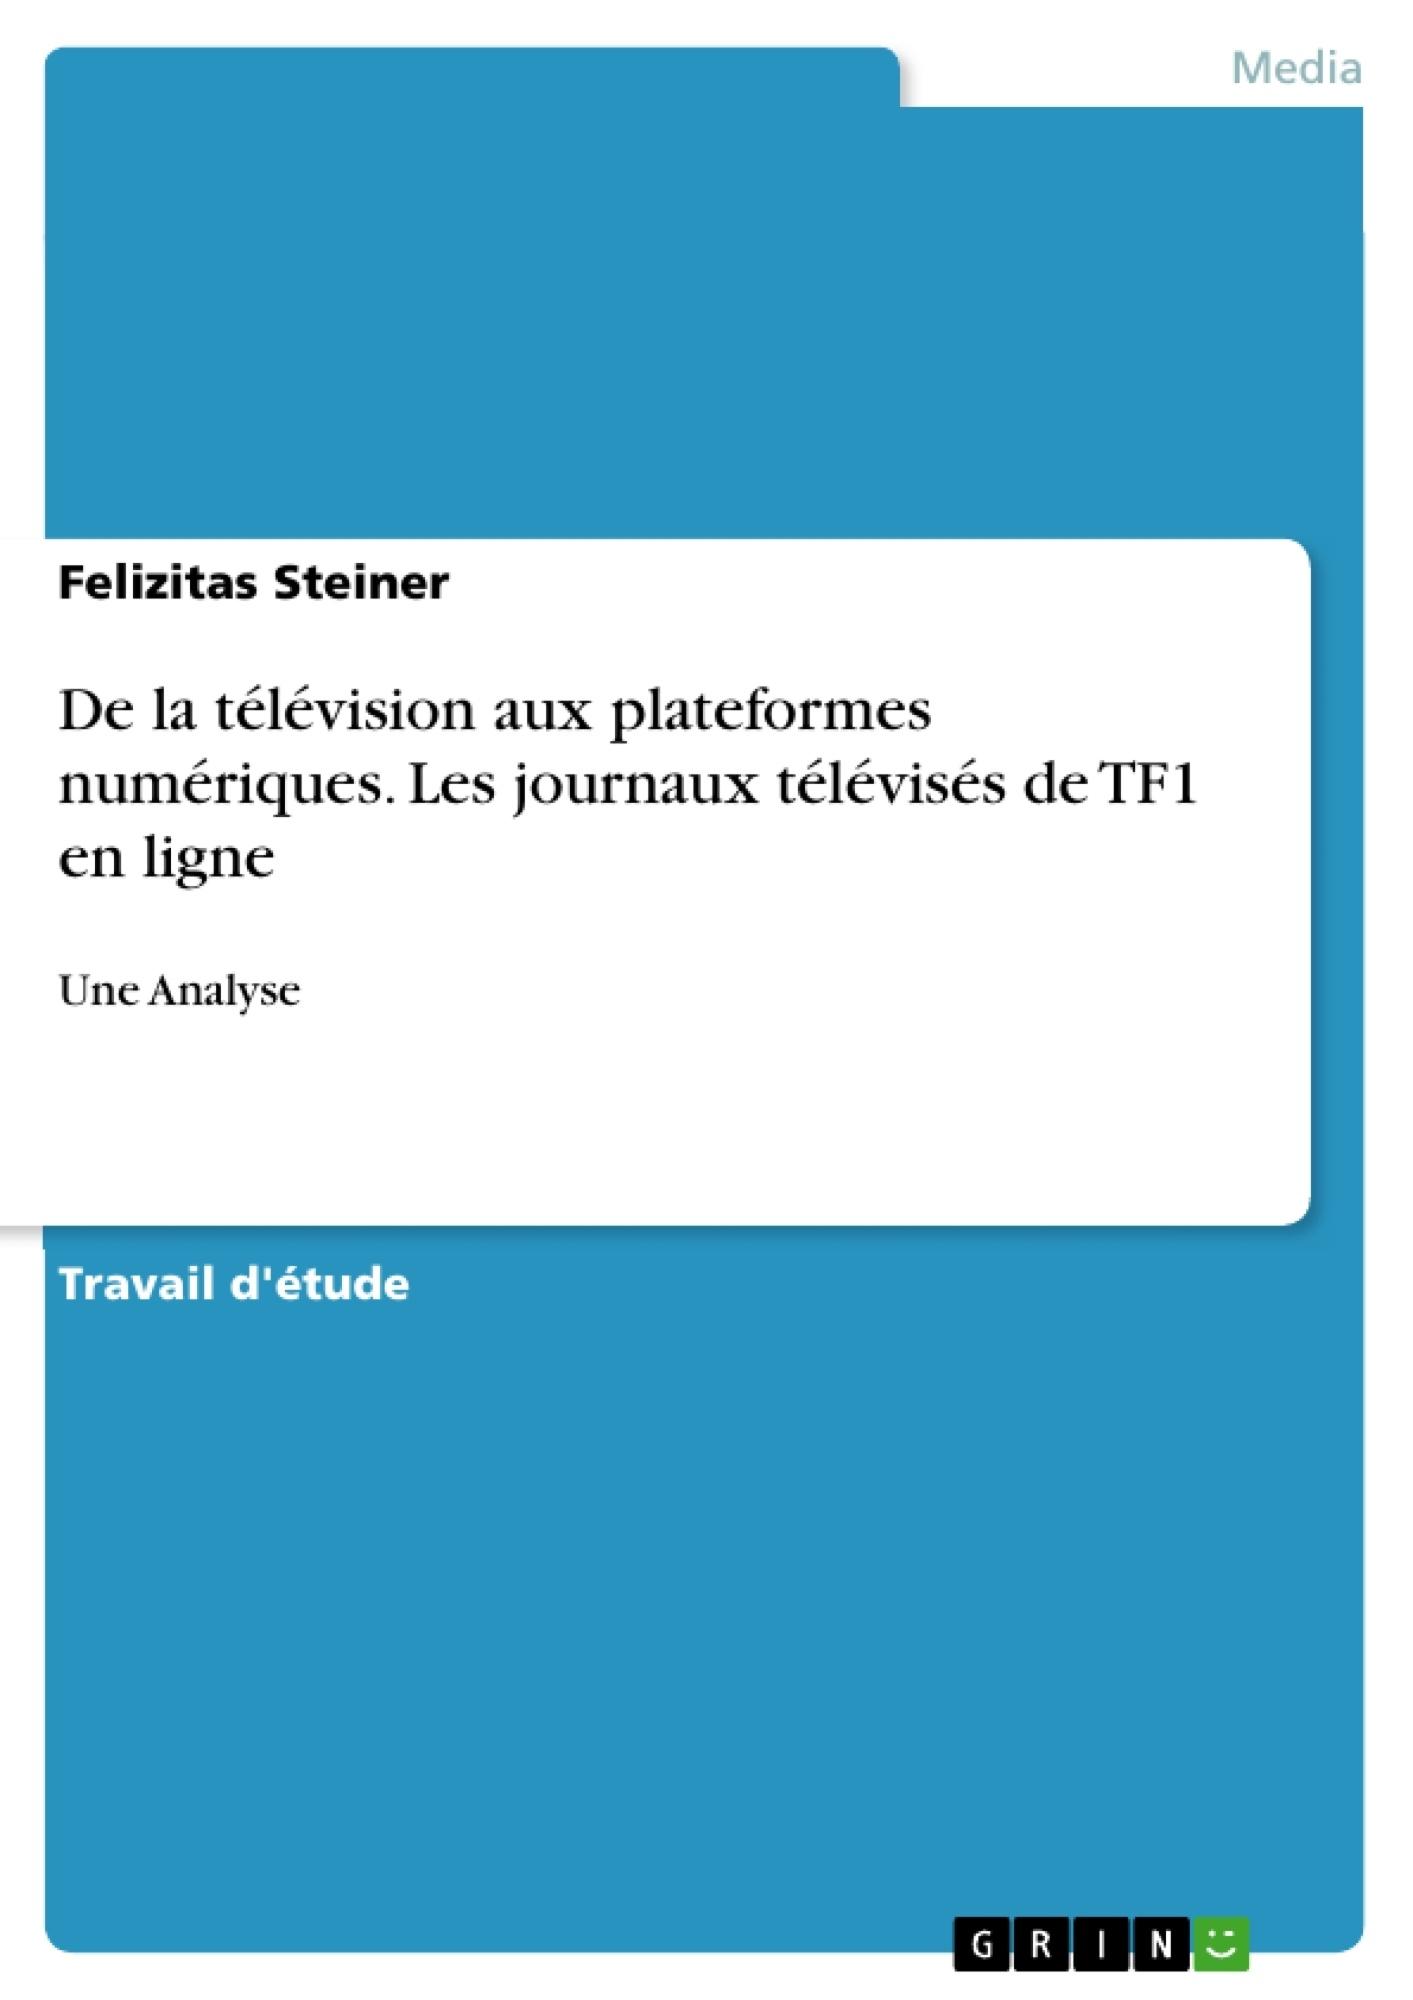 Titre: De la télévision aux plateformes numériques. Les journaux télévisés de TF1 en ligne